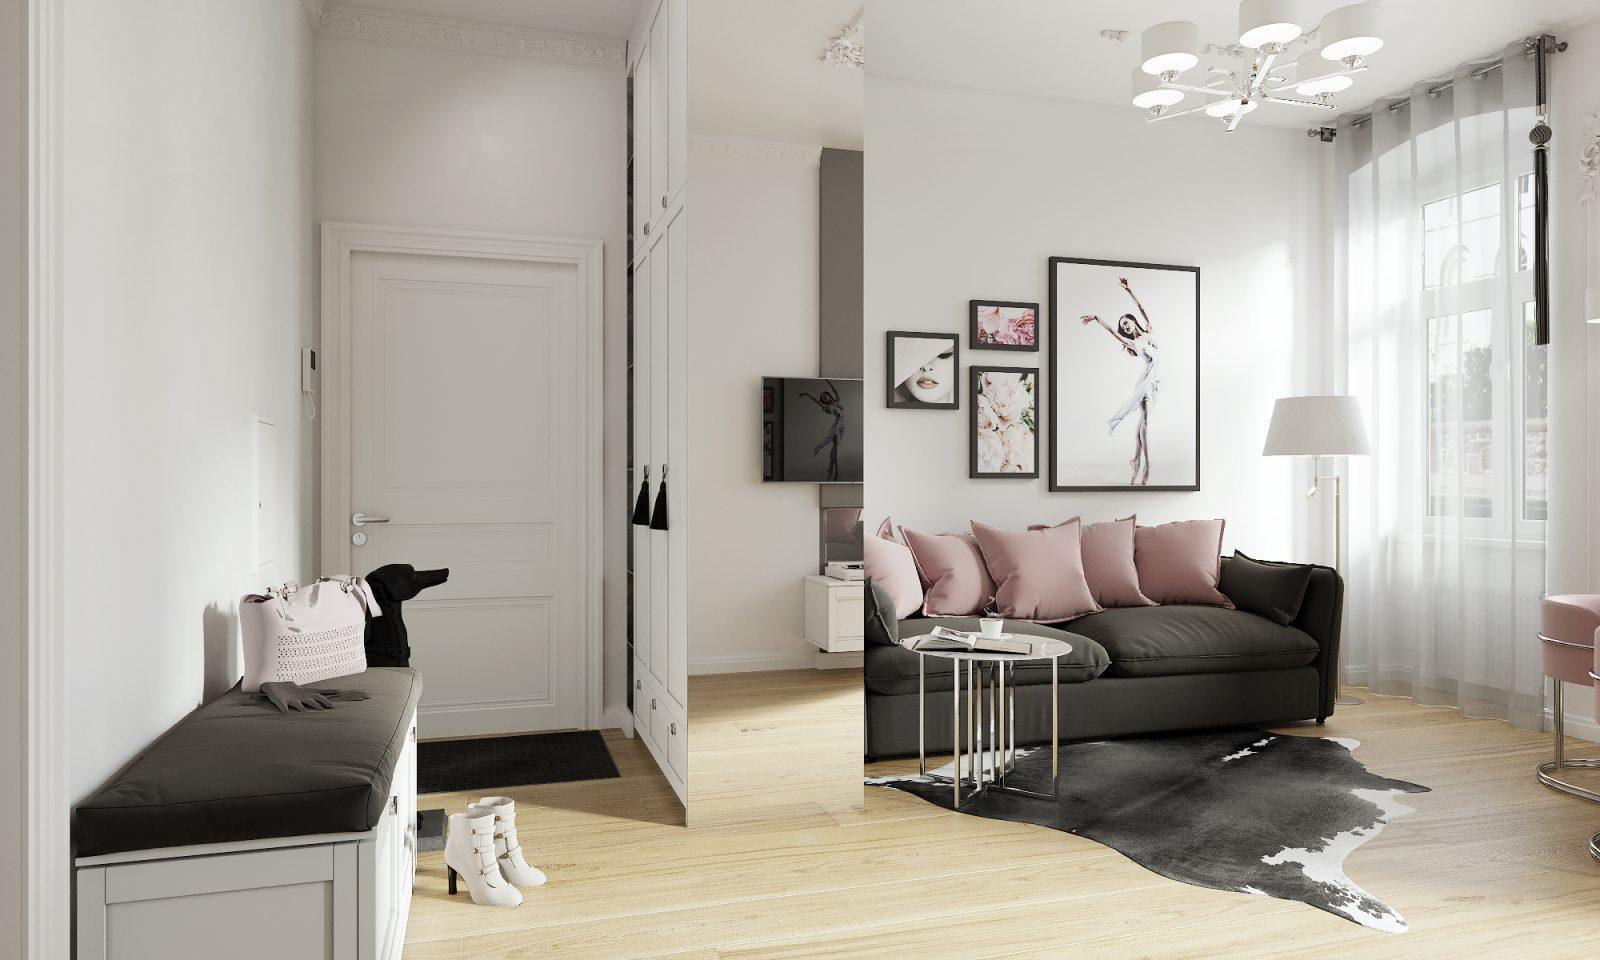 Двухкомнатная квартира в Германии